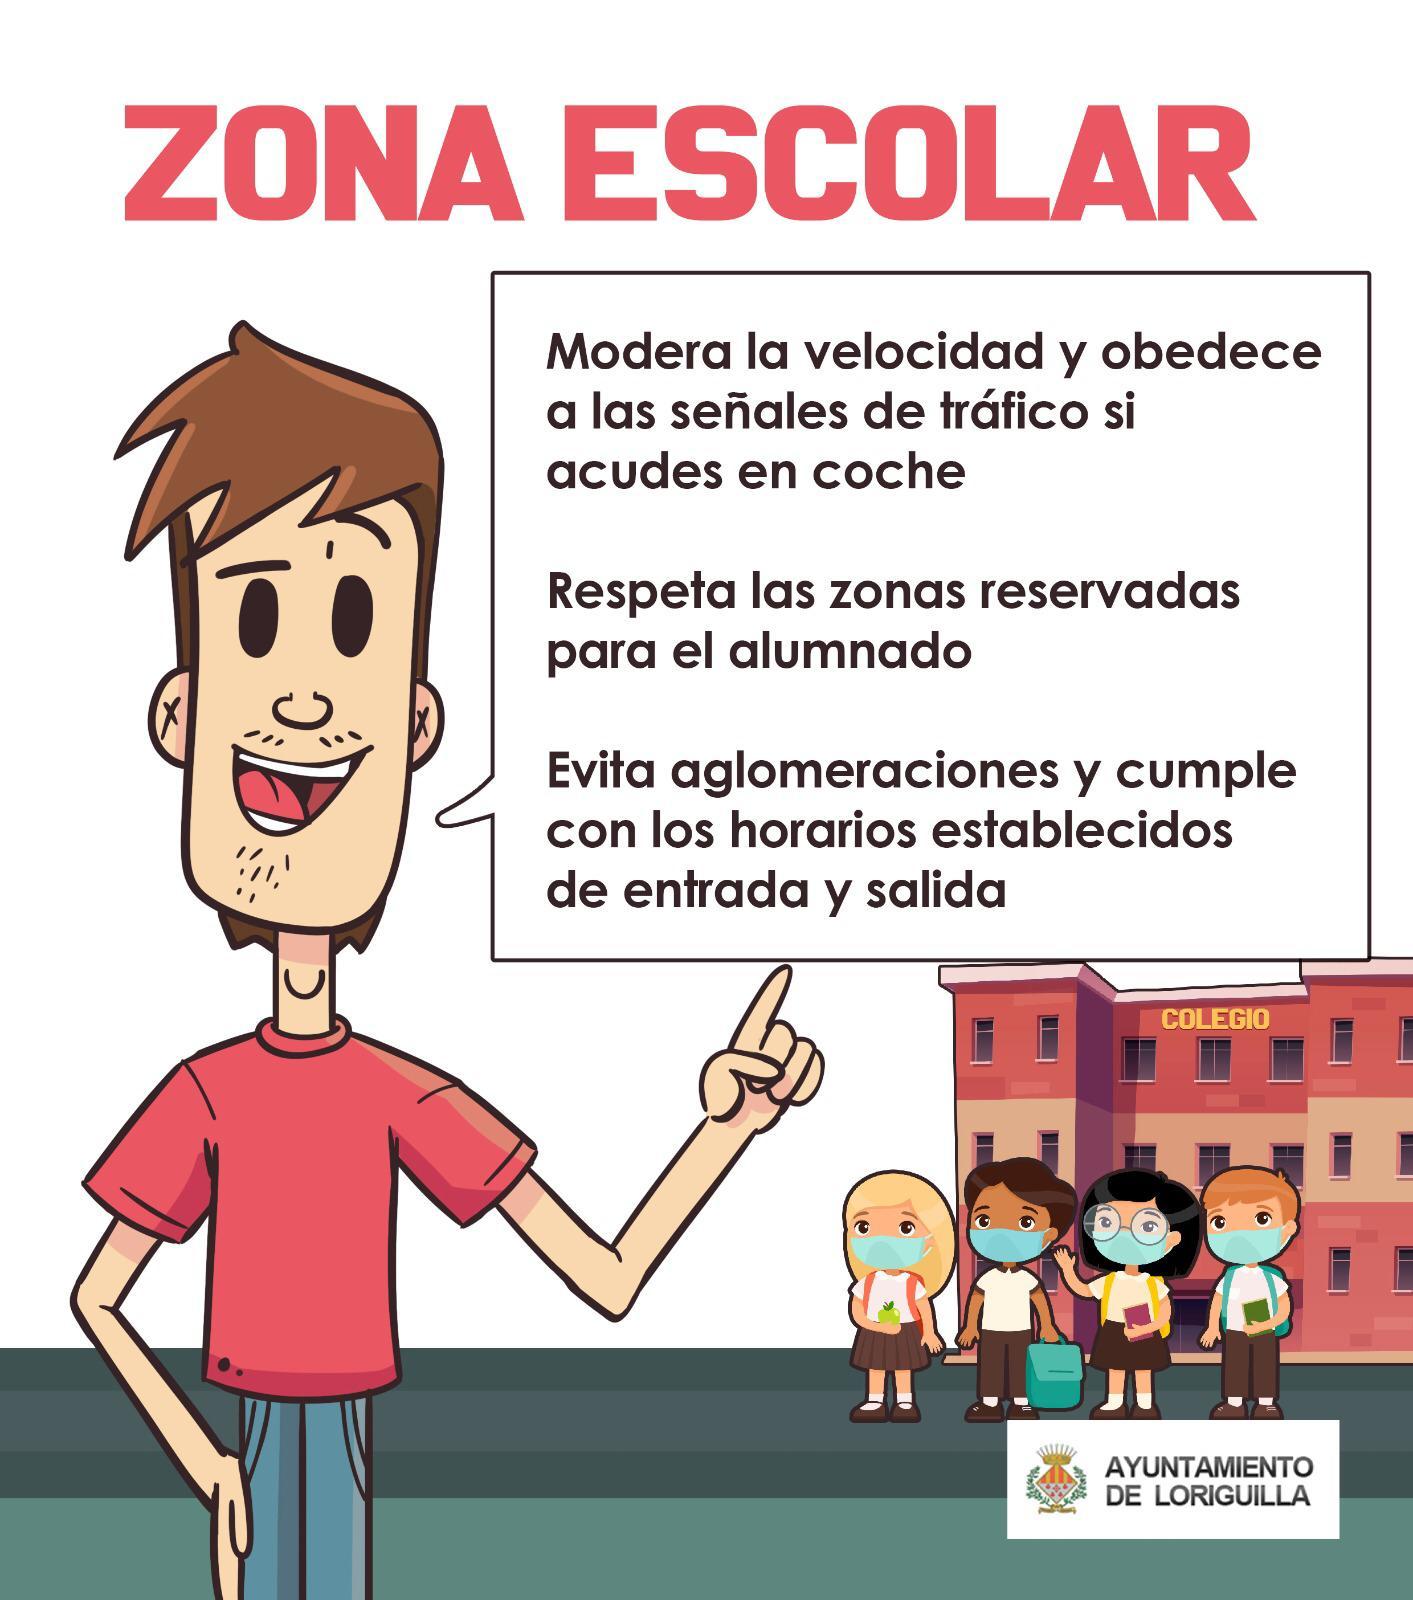 El Ayuntamiento de Loriguilla inicia una campaña de concienciación ciudadana para hacer más segura la zona escolar